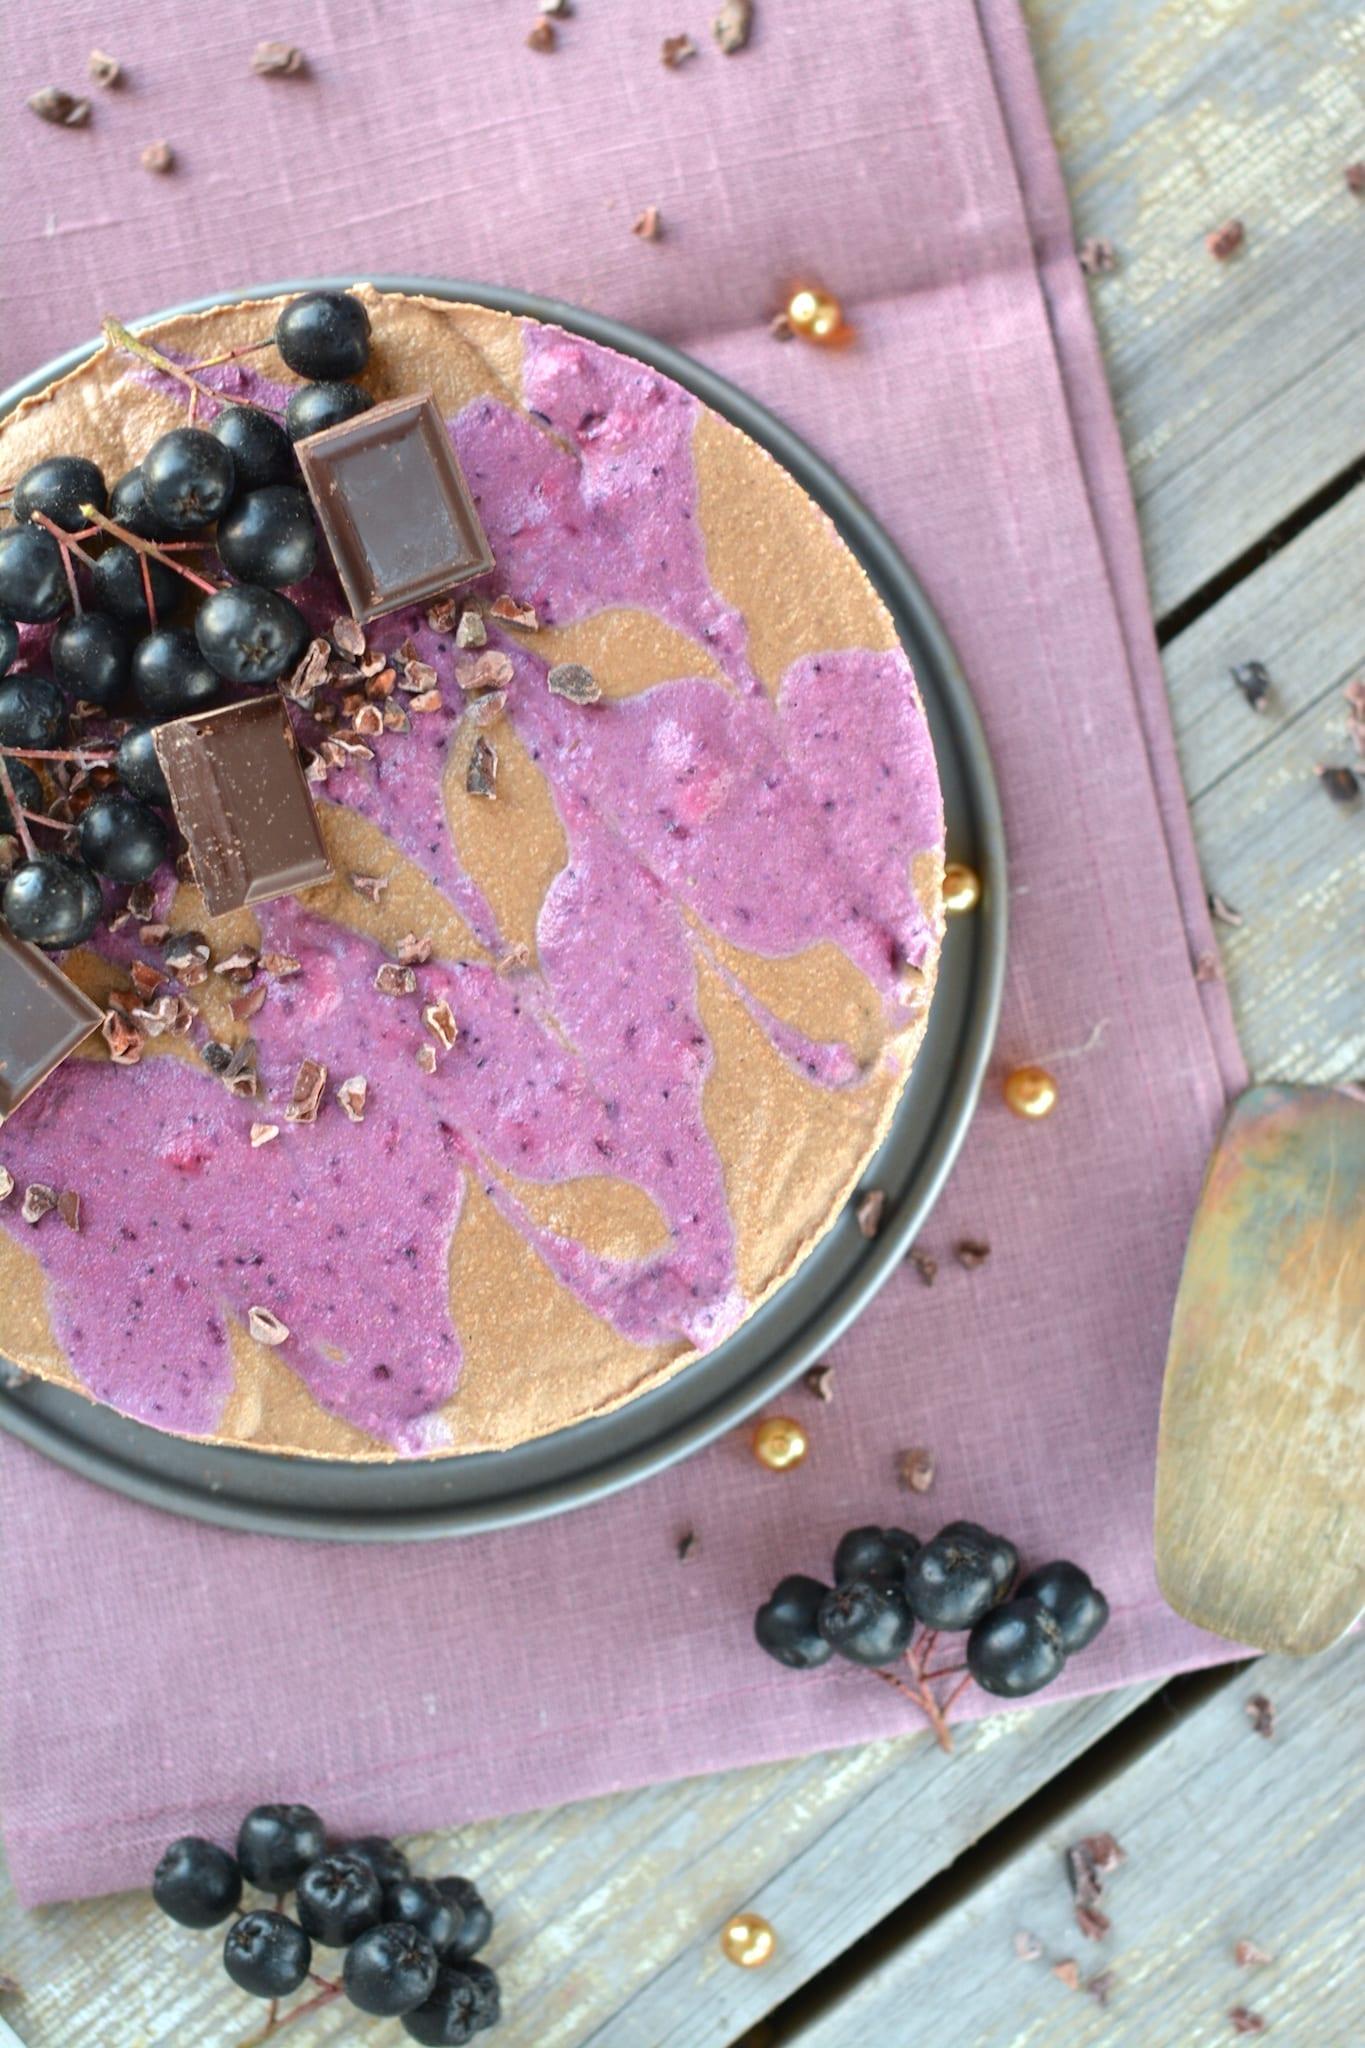 cheesecake-cauliflower-tahini-chocolate-aronia